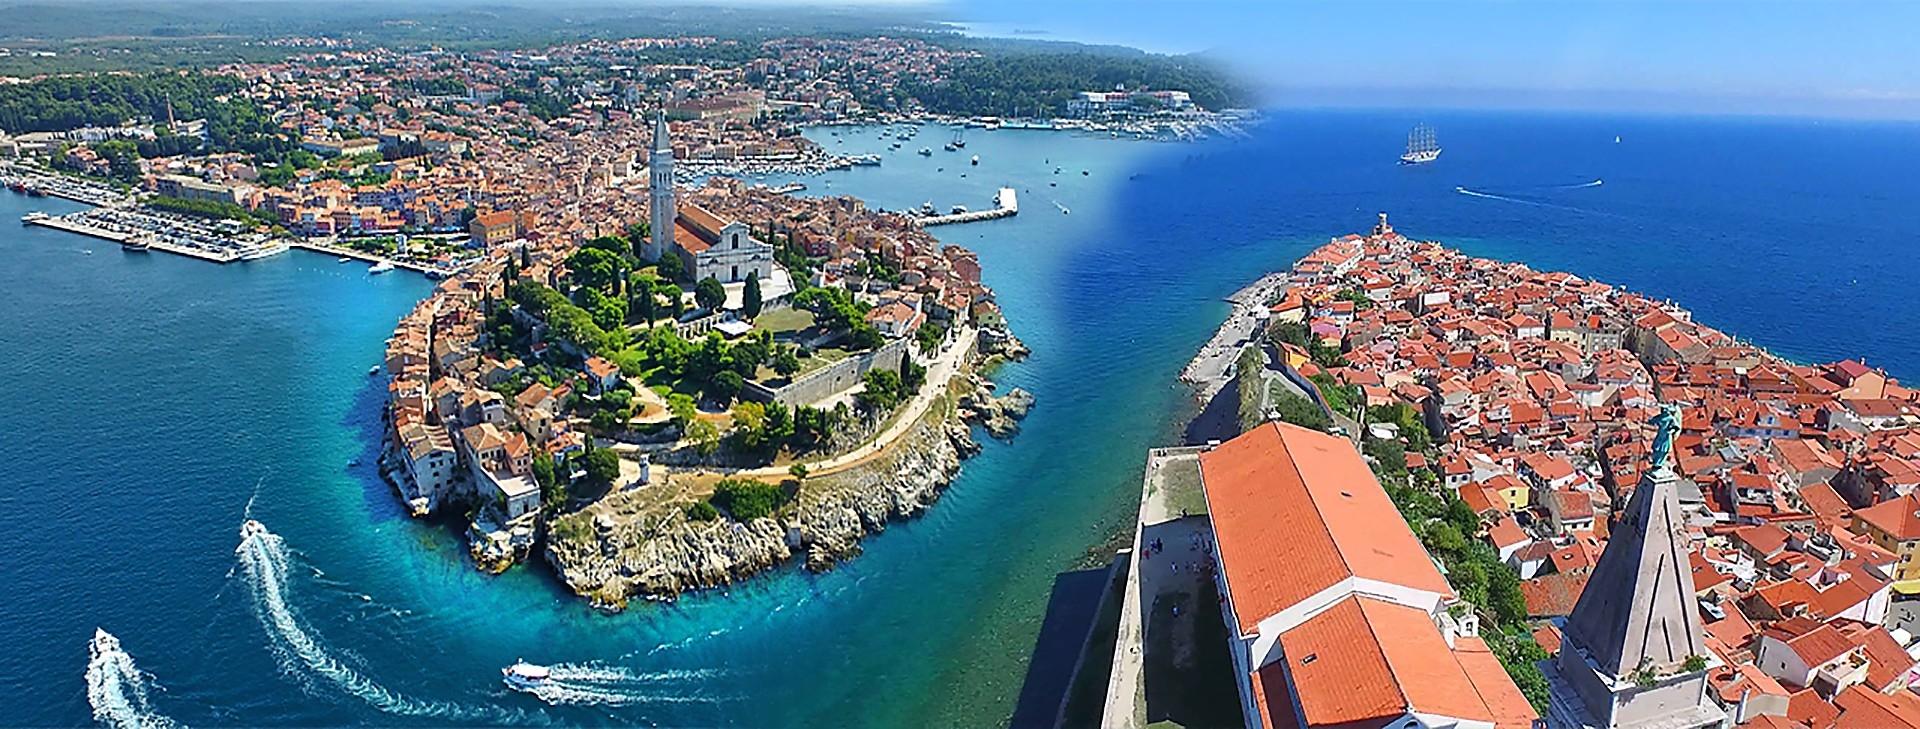 Хорватия в сентябре в картинках